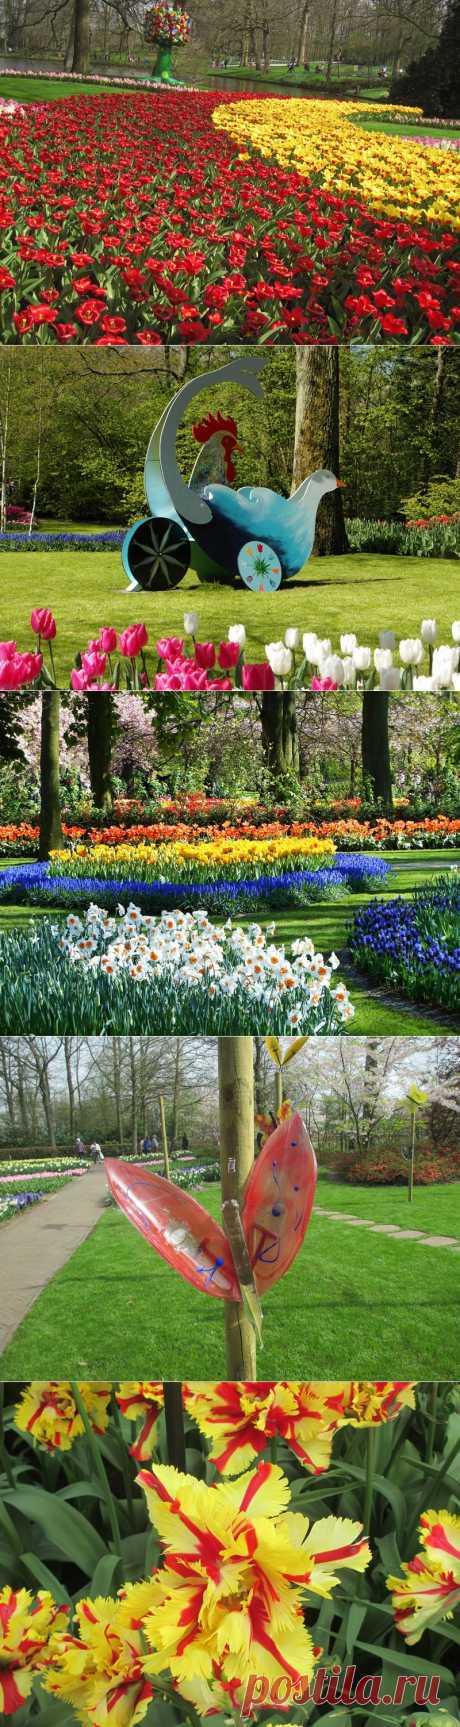 Королевский парк цветов : Кейкенхоф 2014 | В мире интересного